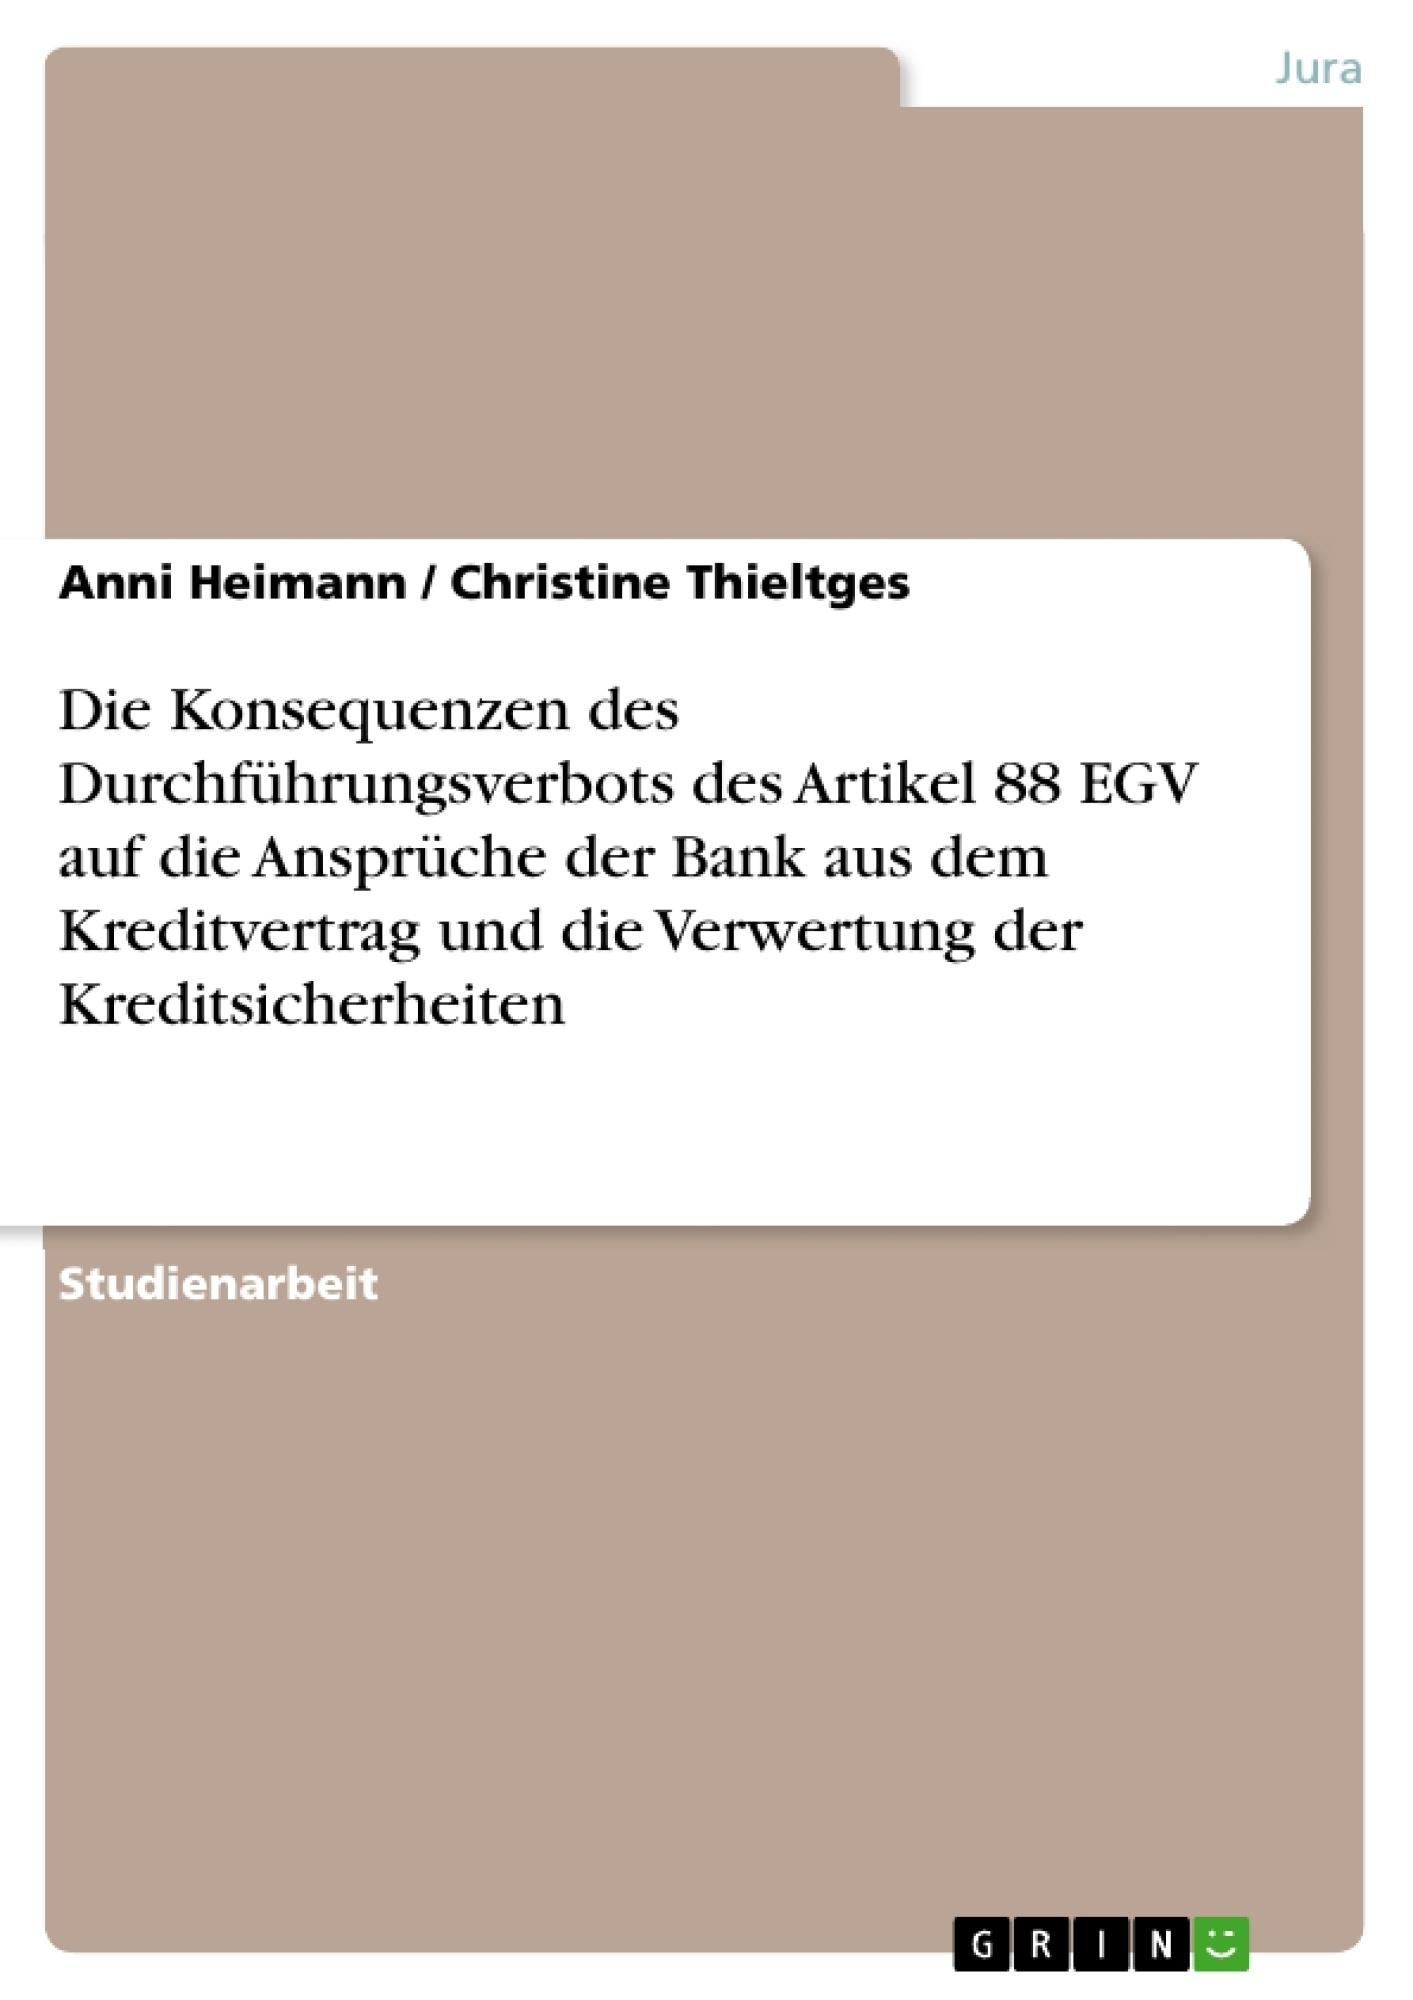 Titel: Die Konsequenzen des Durchführungsverbots des Artikel 88 EGV auf die Ansprüche der Bank aus dem Kreditvertrag und die Verwertung der Kreditsicherheiten